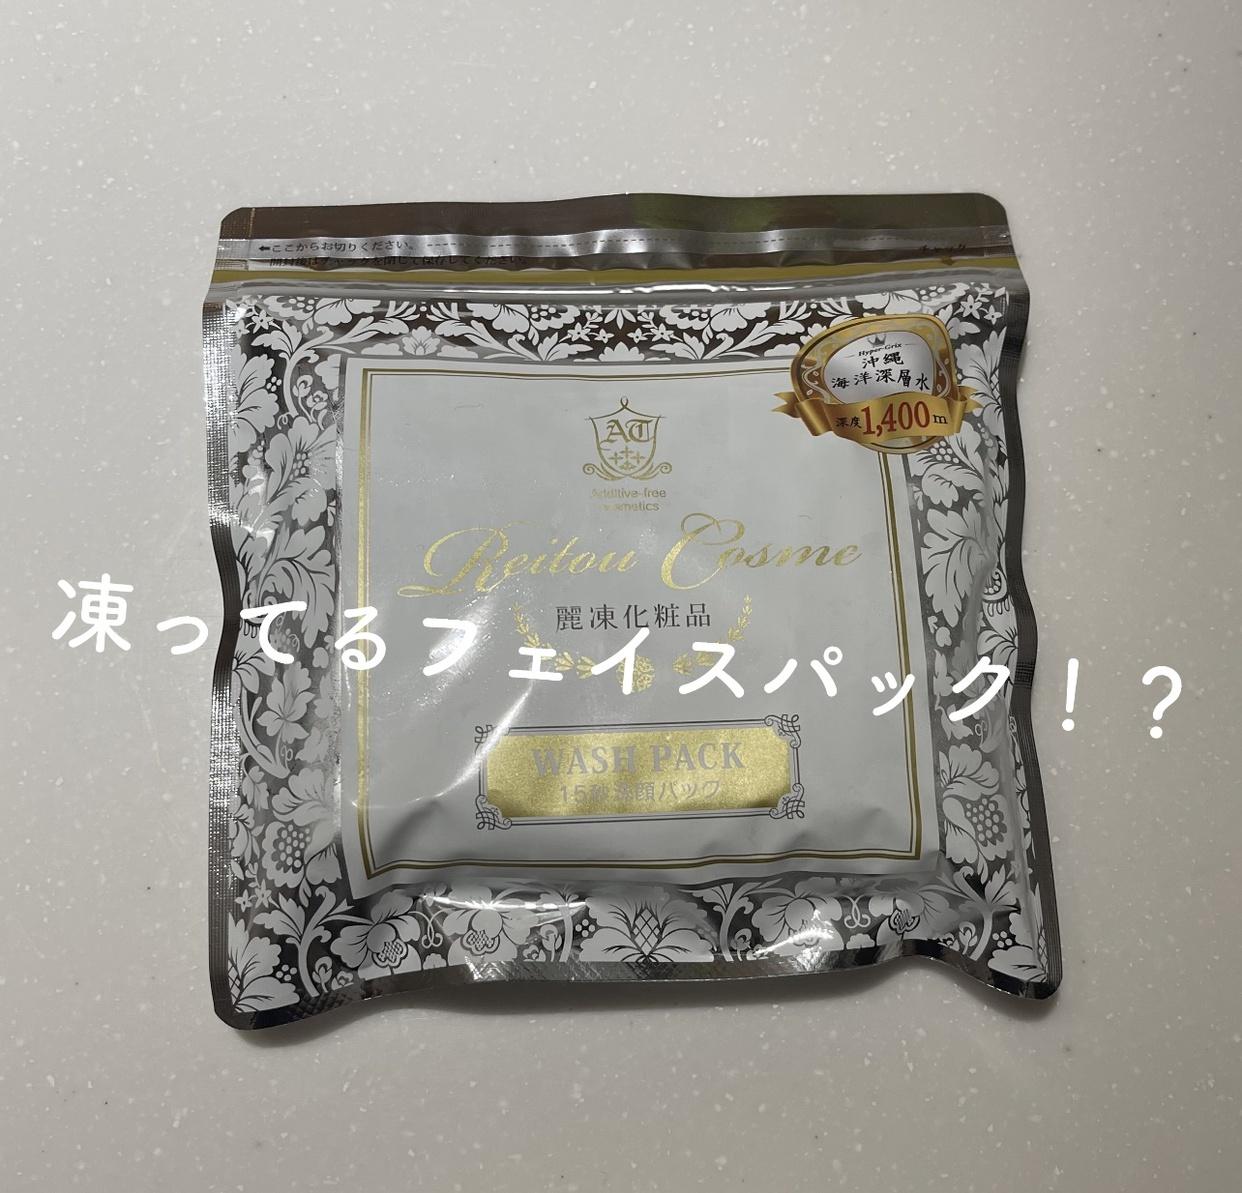 麗凍化粧品(Reitou Cosme) 15秒洗顔パックを使ったりーりさんのクチコミ画像1